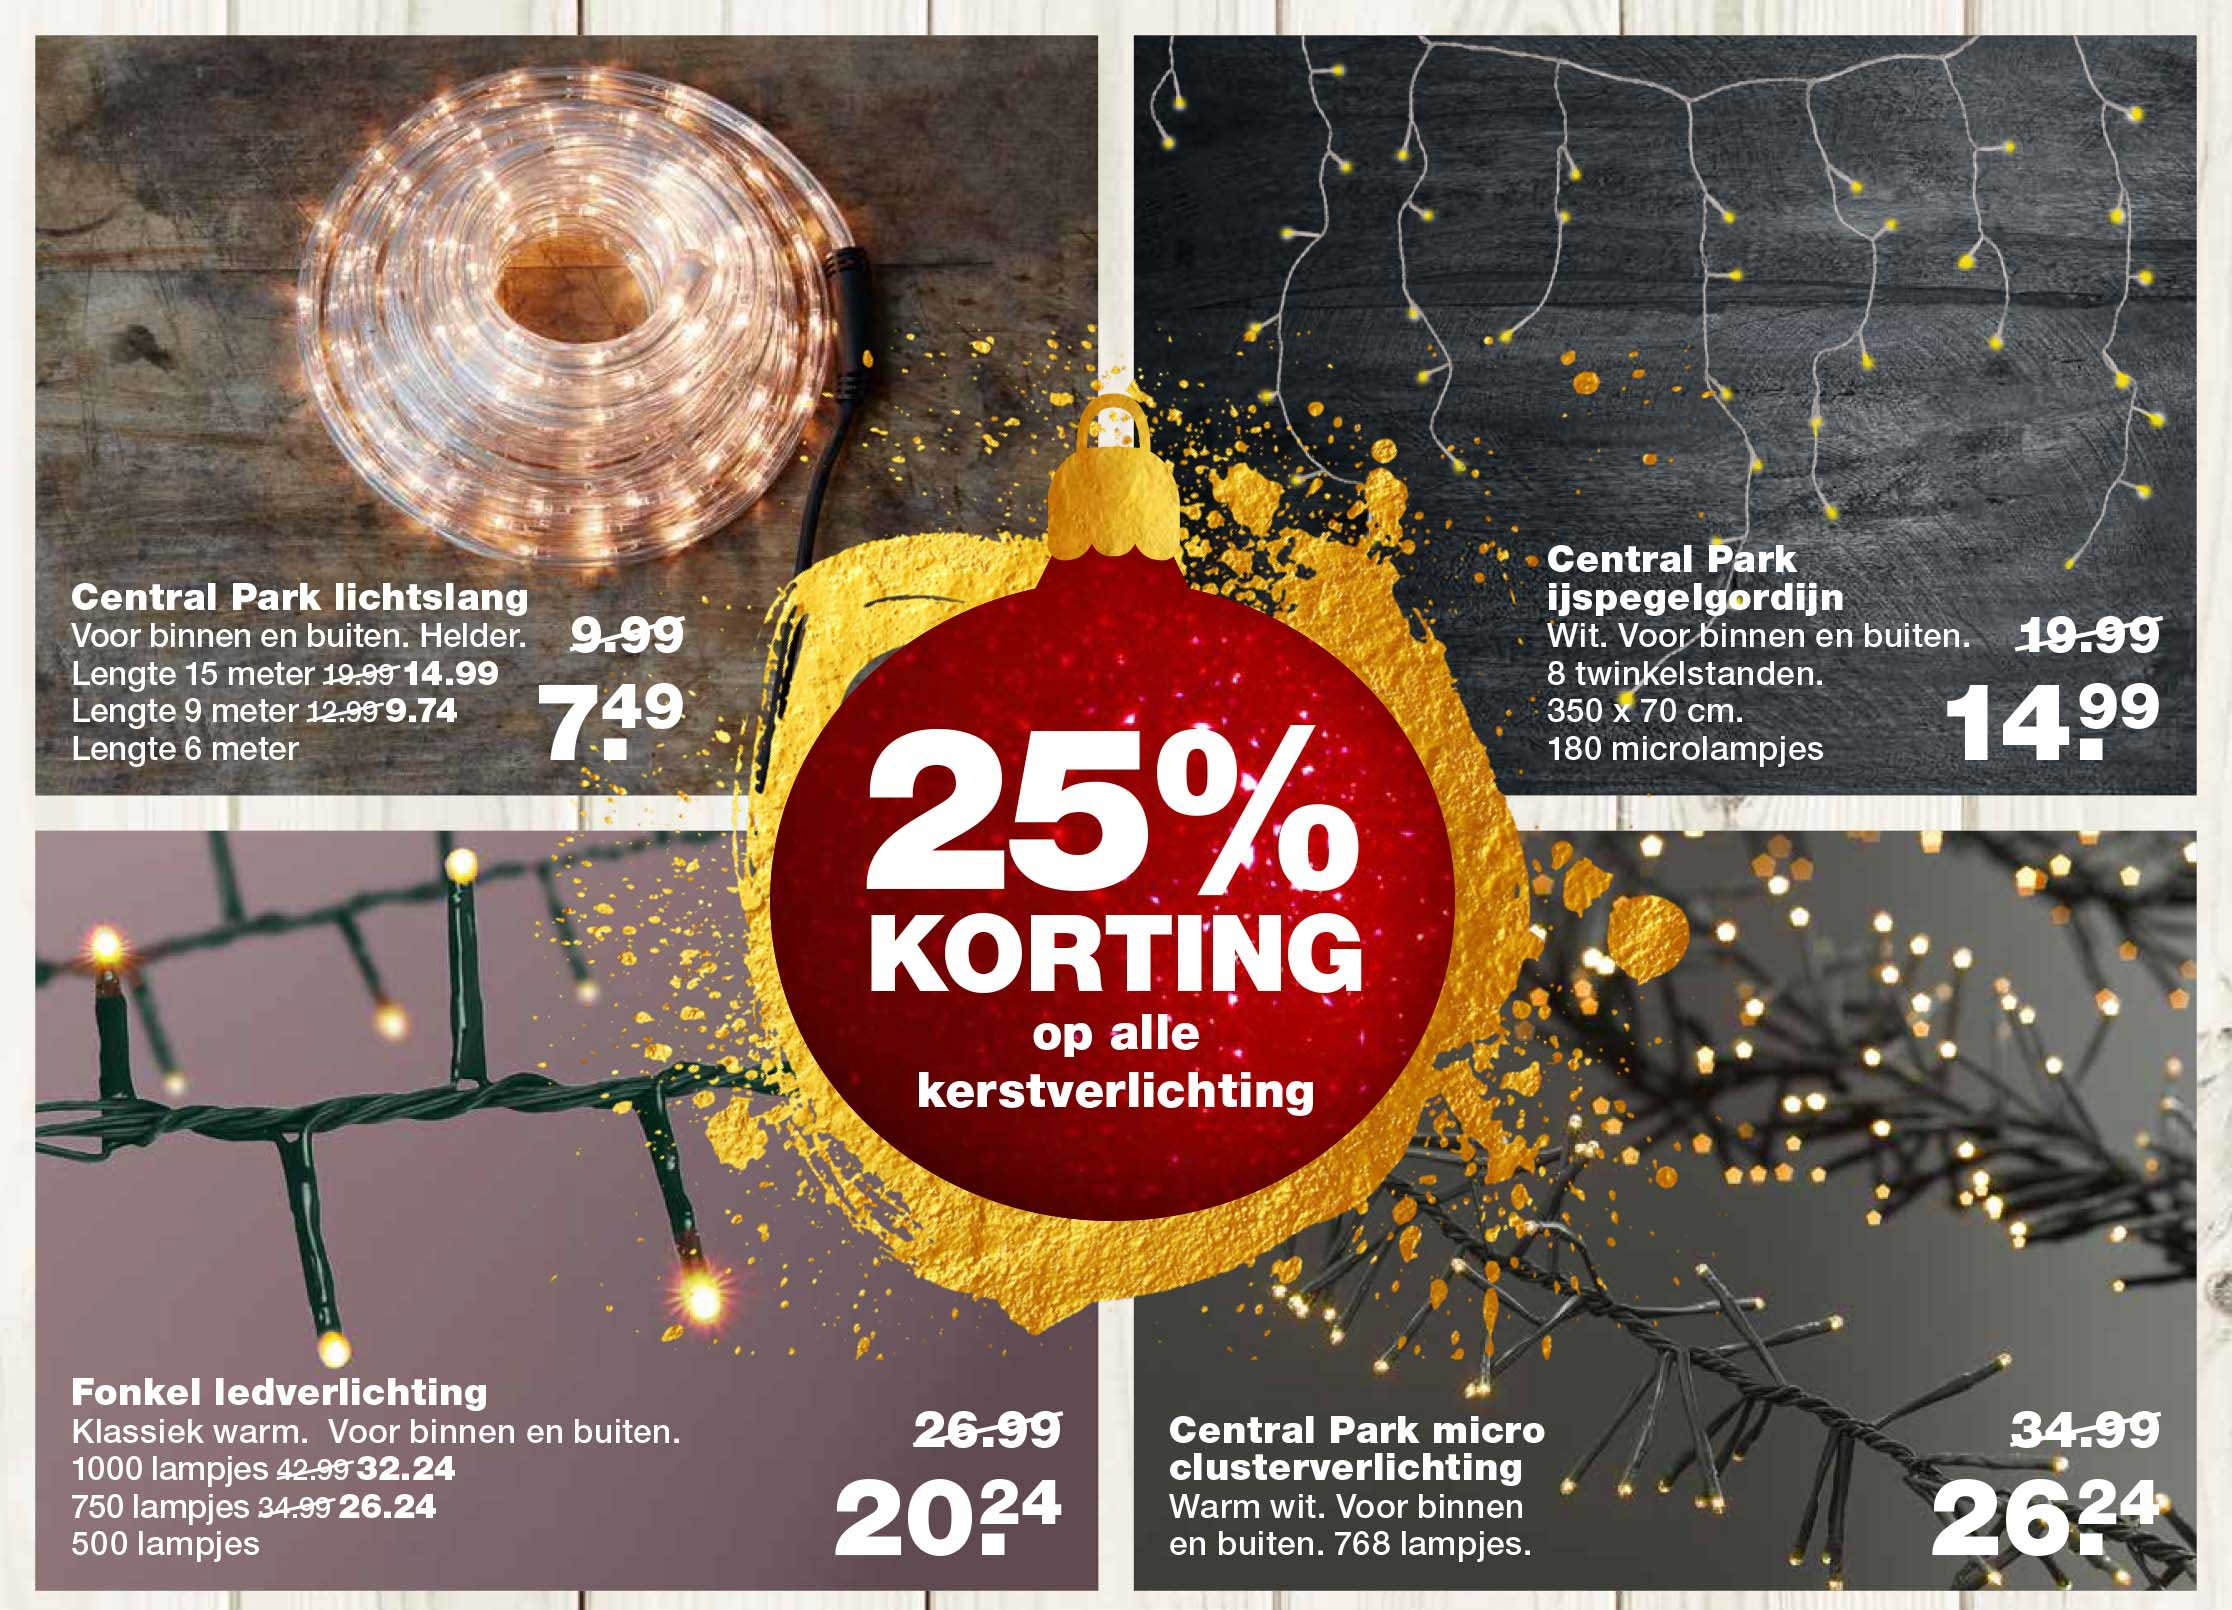 Praxis 25% Korting Op Alle Kerstverlichting